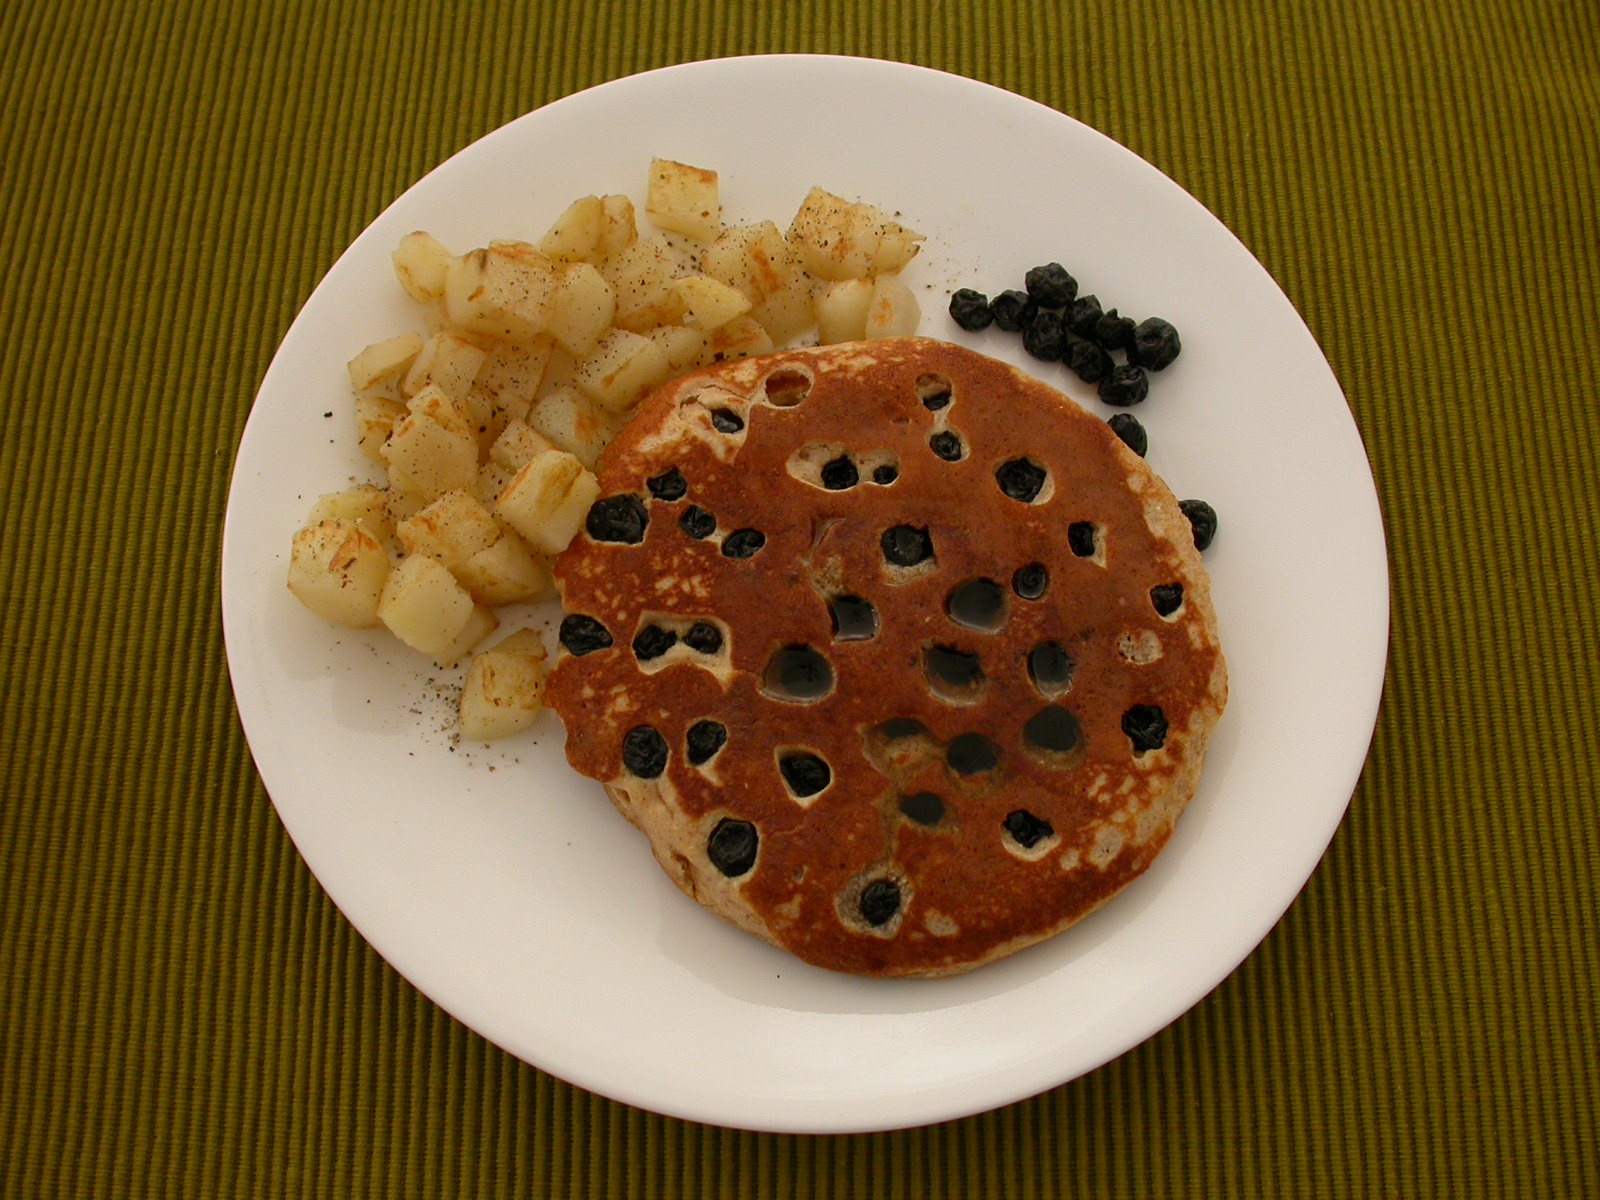 Pancake and hashbrown